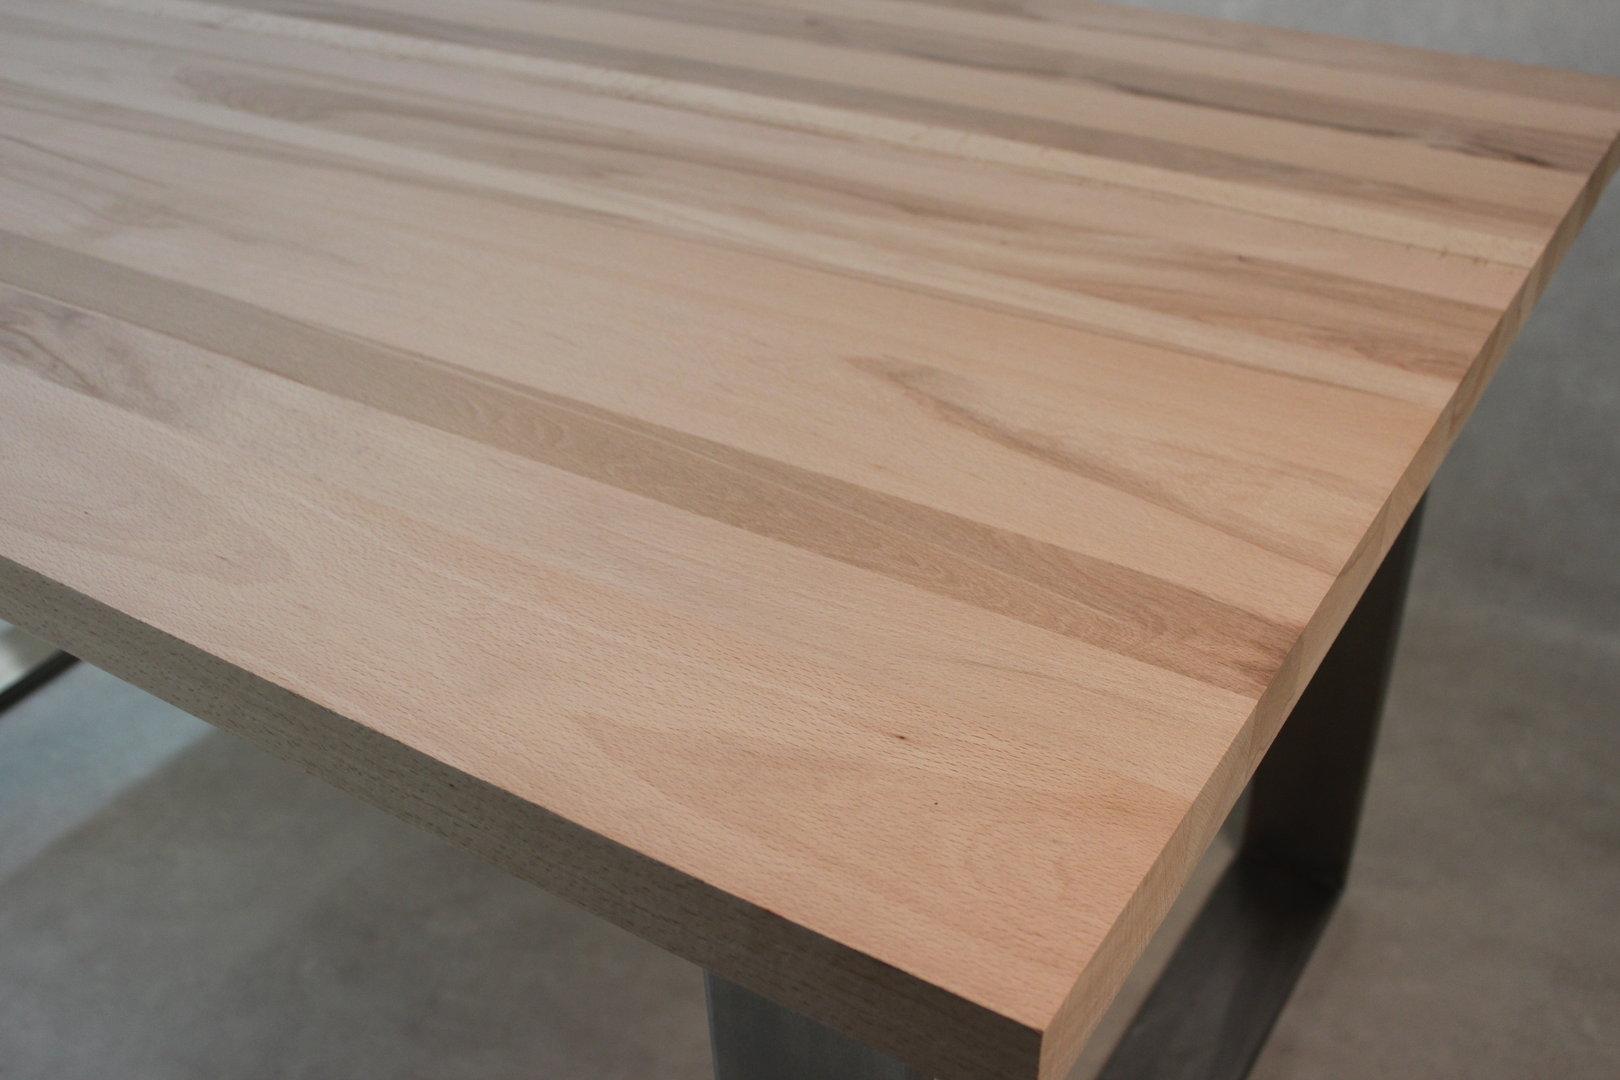 tischplatte massivholz kernbuche dl fsc 40 x diverse l ngen x 1210 mm. Black Bedroom Furniture Sets. Home Design Ideas